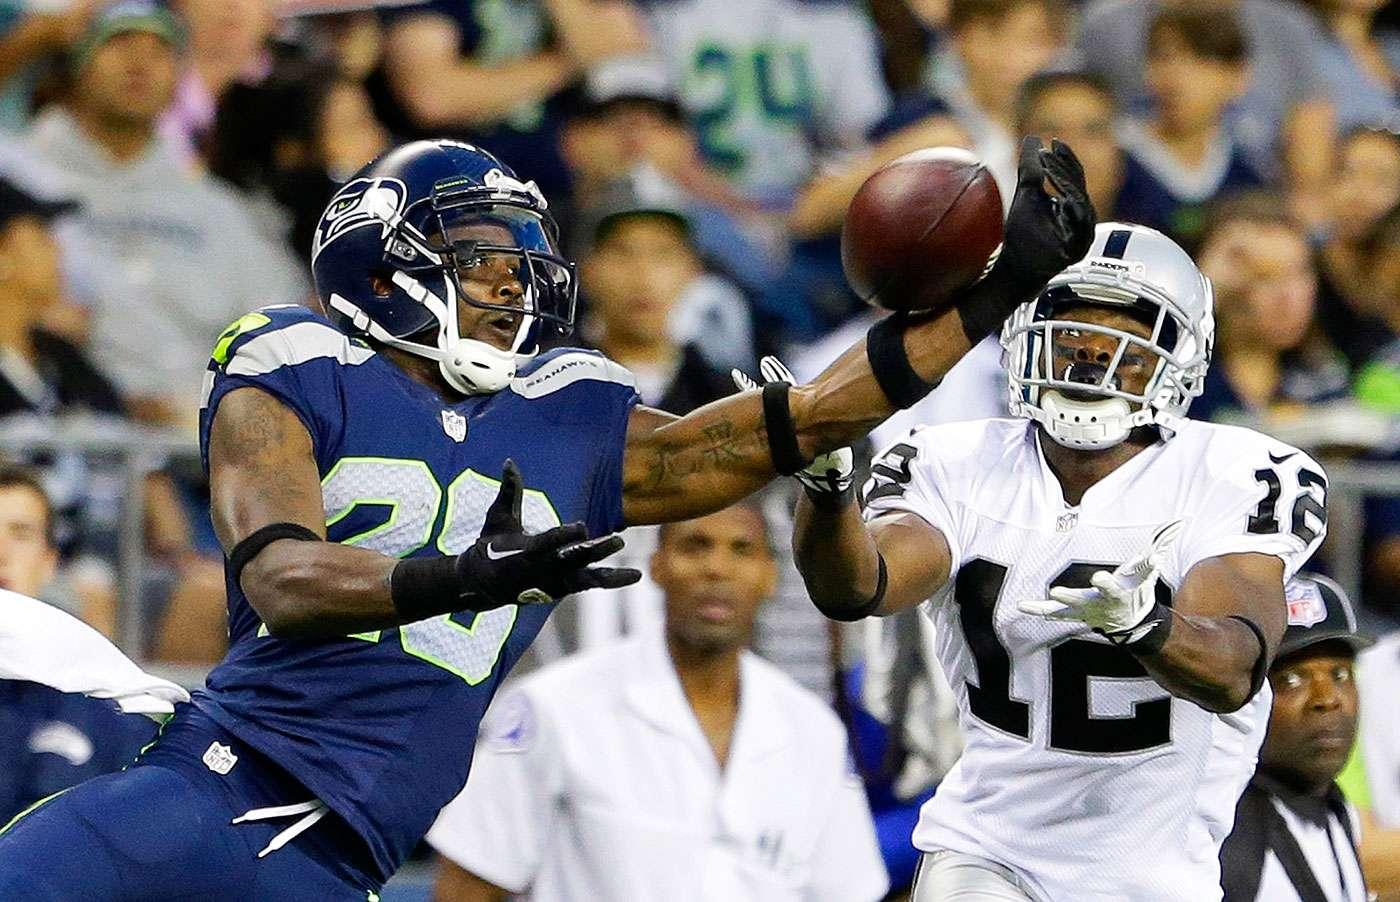 Oakland Raiders vs. Seattle Seahawks (Domingo por la tarde). Los campeones de la NFL tampoco pueden perder para seguir peleando la división con Arizona y alejarse de los 49ers. Los Raiders no tienen muchas posibilidades de ganar su primer juego del año en Seattle. Victoria de Seahawks por más de 14 puntos. Foto: AP